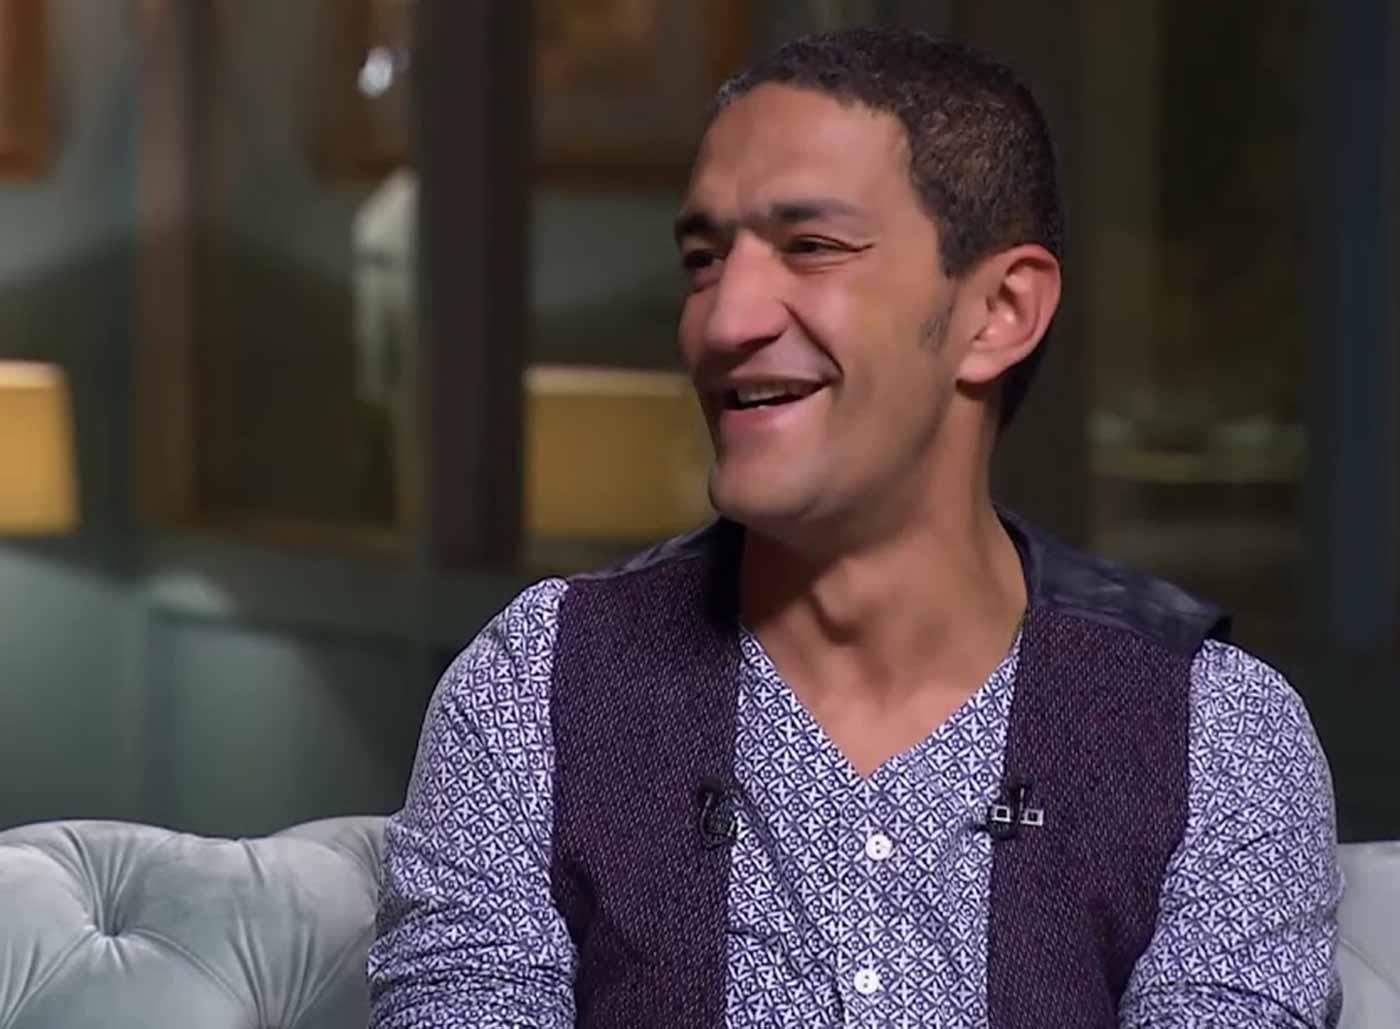 إصابة الفنان المصري خالد كمال بفيروس كورونا